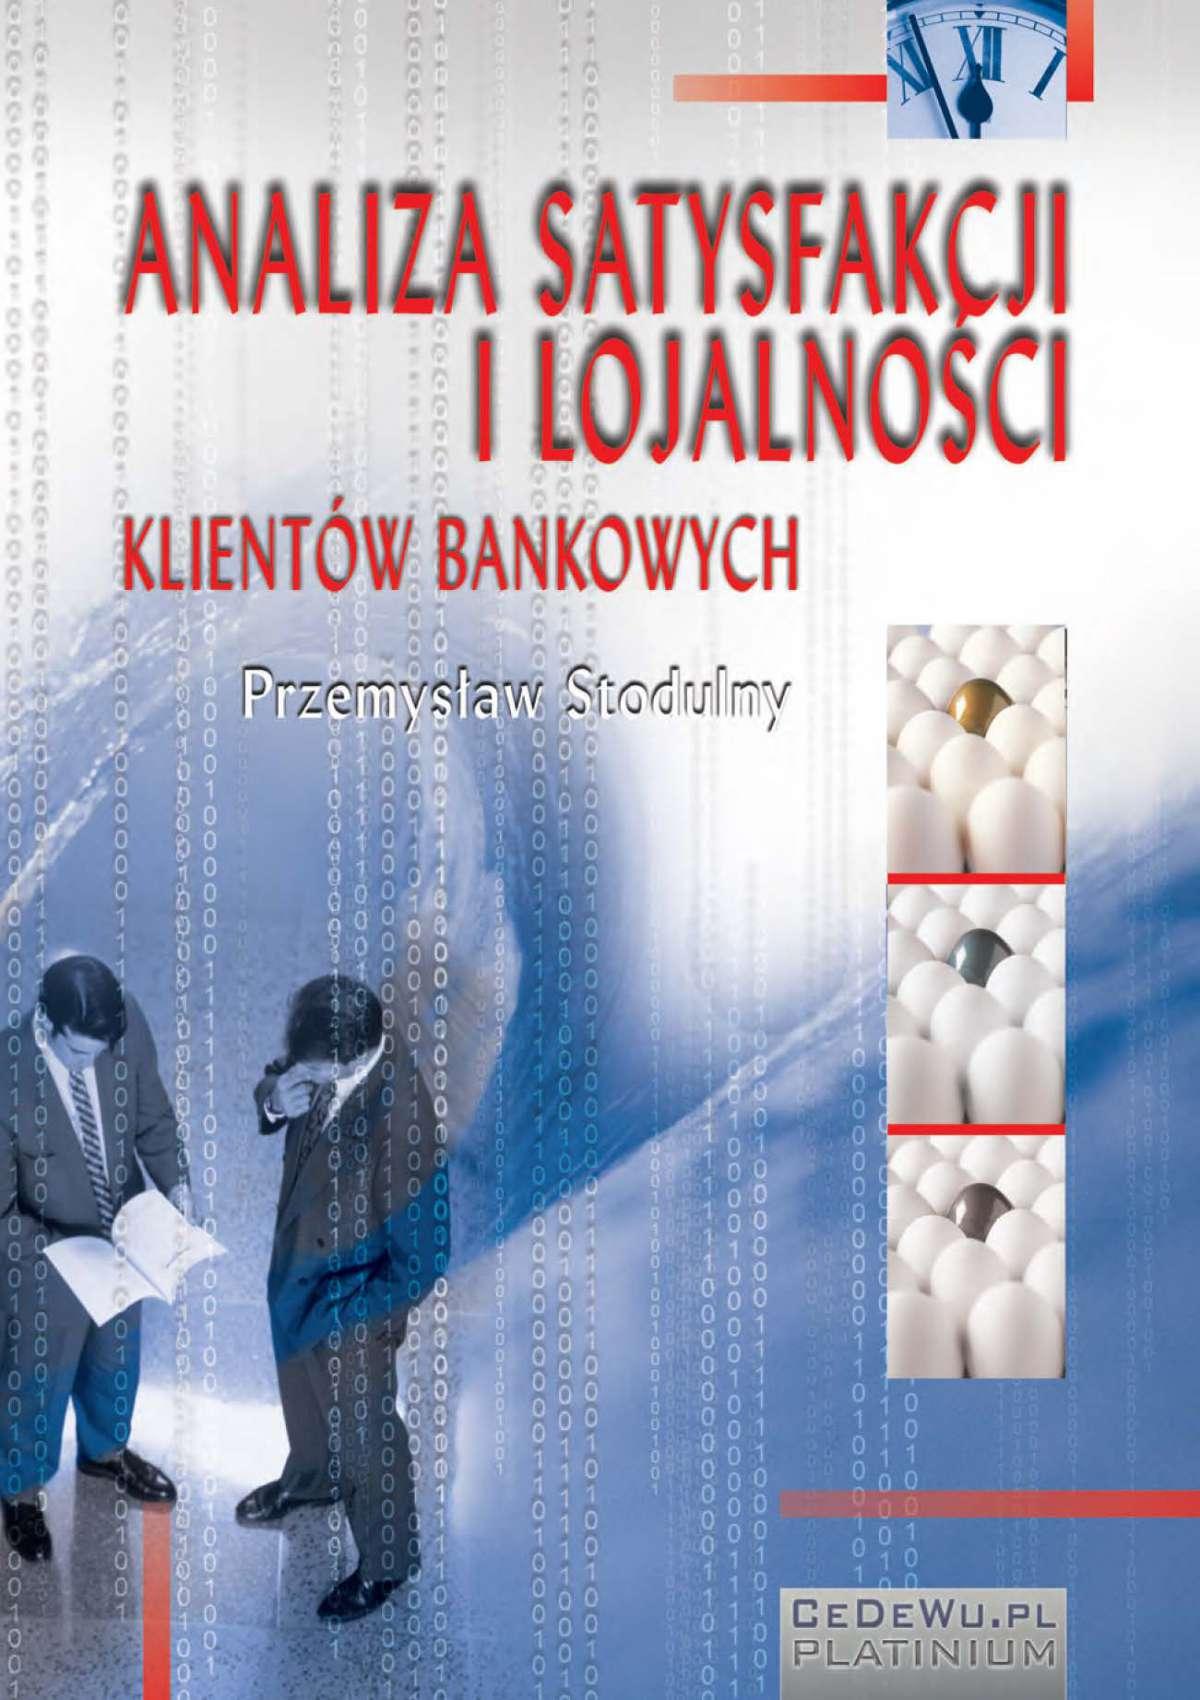 Analiza satysfakcji i lojalności klientów bankowych. Rozdział 4. Postrzeganie jakości usług i satysfakcja klientów banków w świetle badań ankietowych - Ebook (Książka PDF) do pobrania w formacie PDF